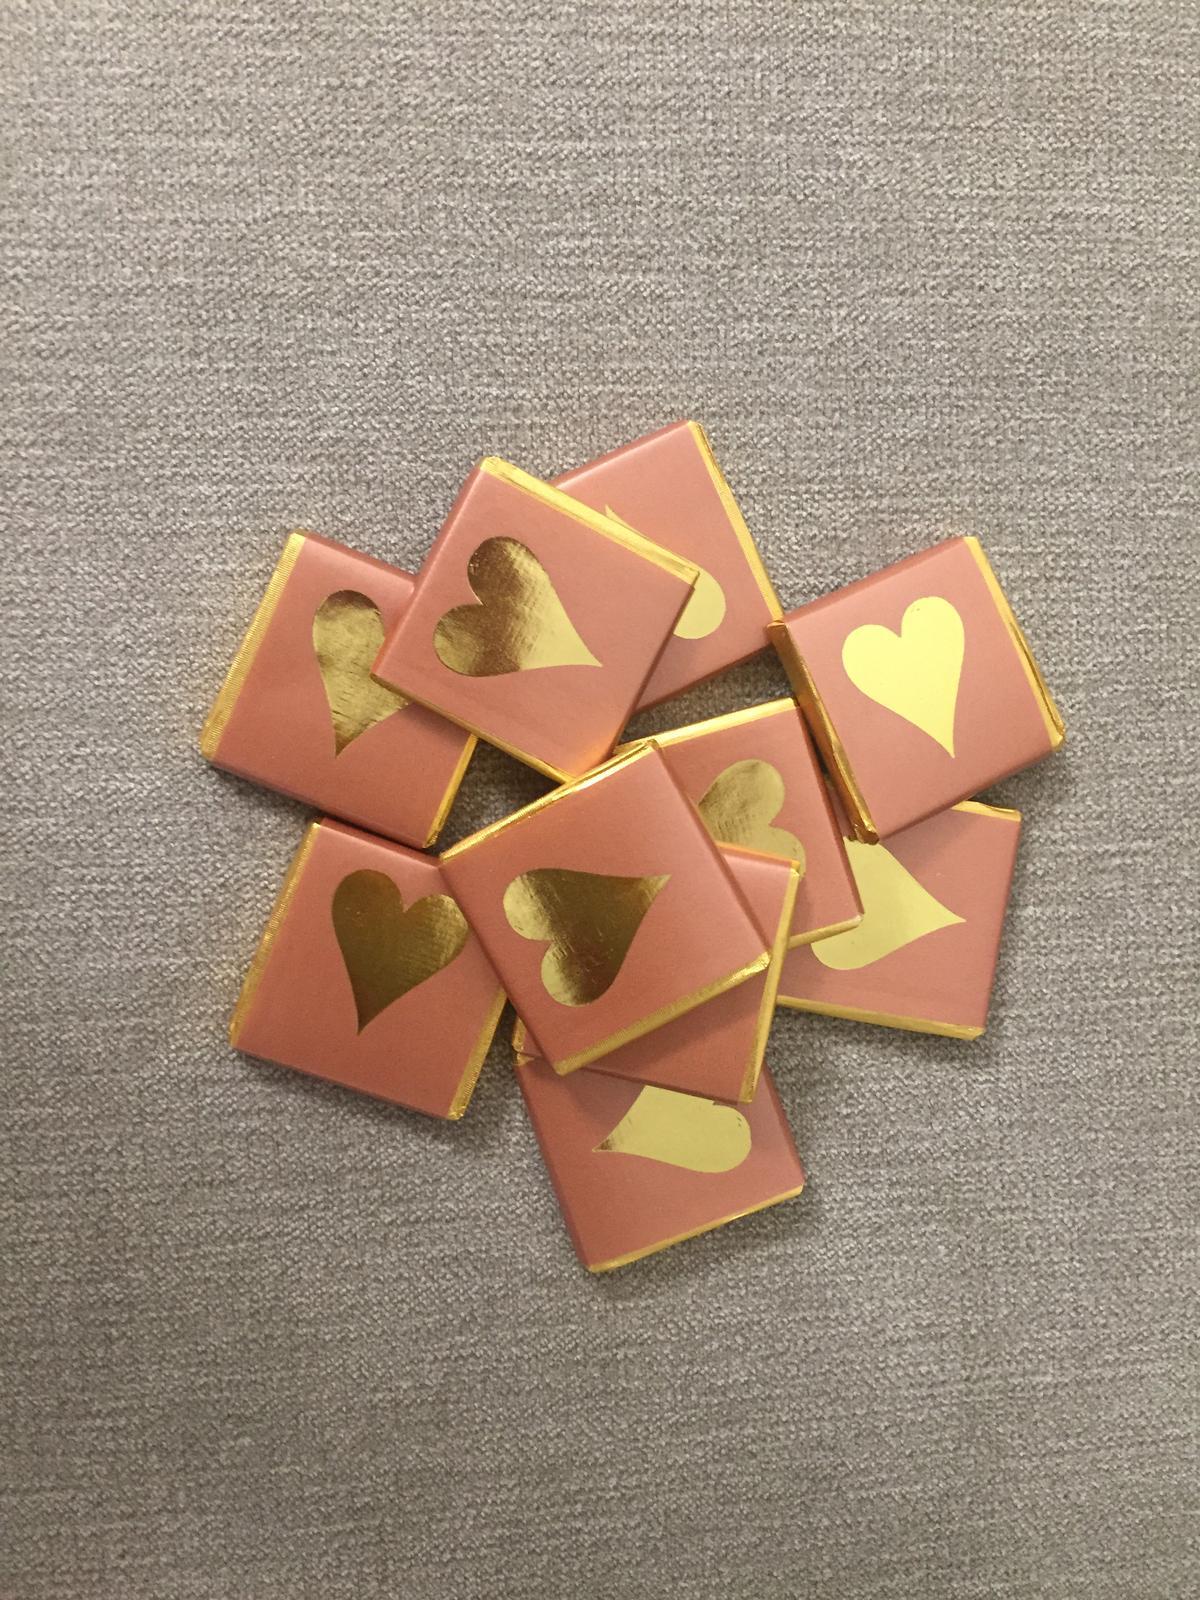 Mliečne čokoládky - balenie 100ks - Obrázok č. 1